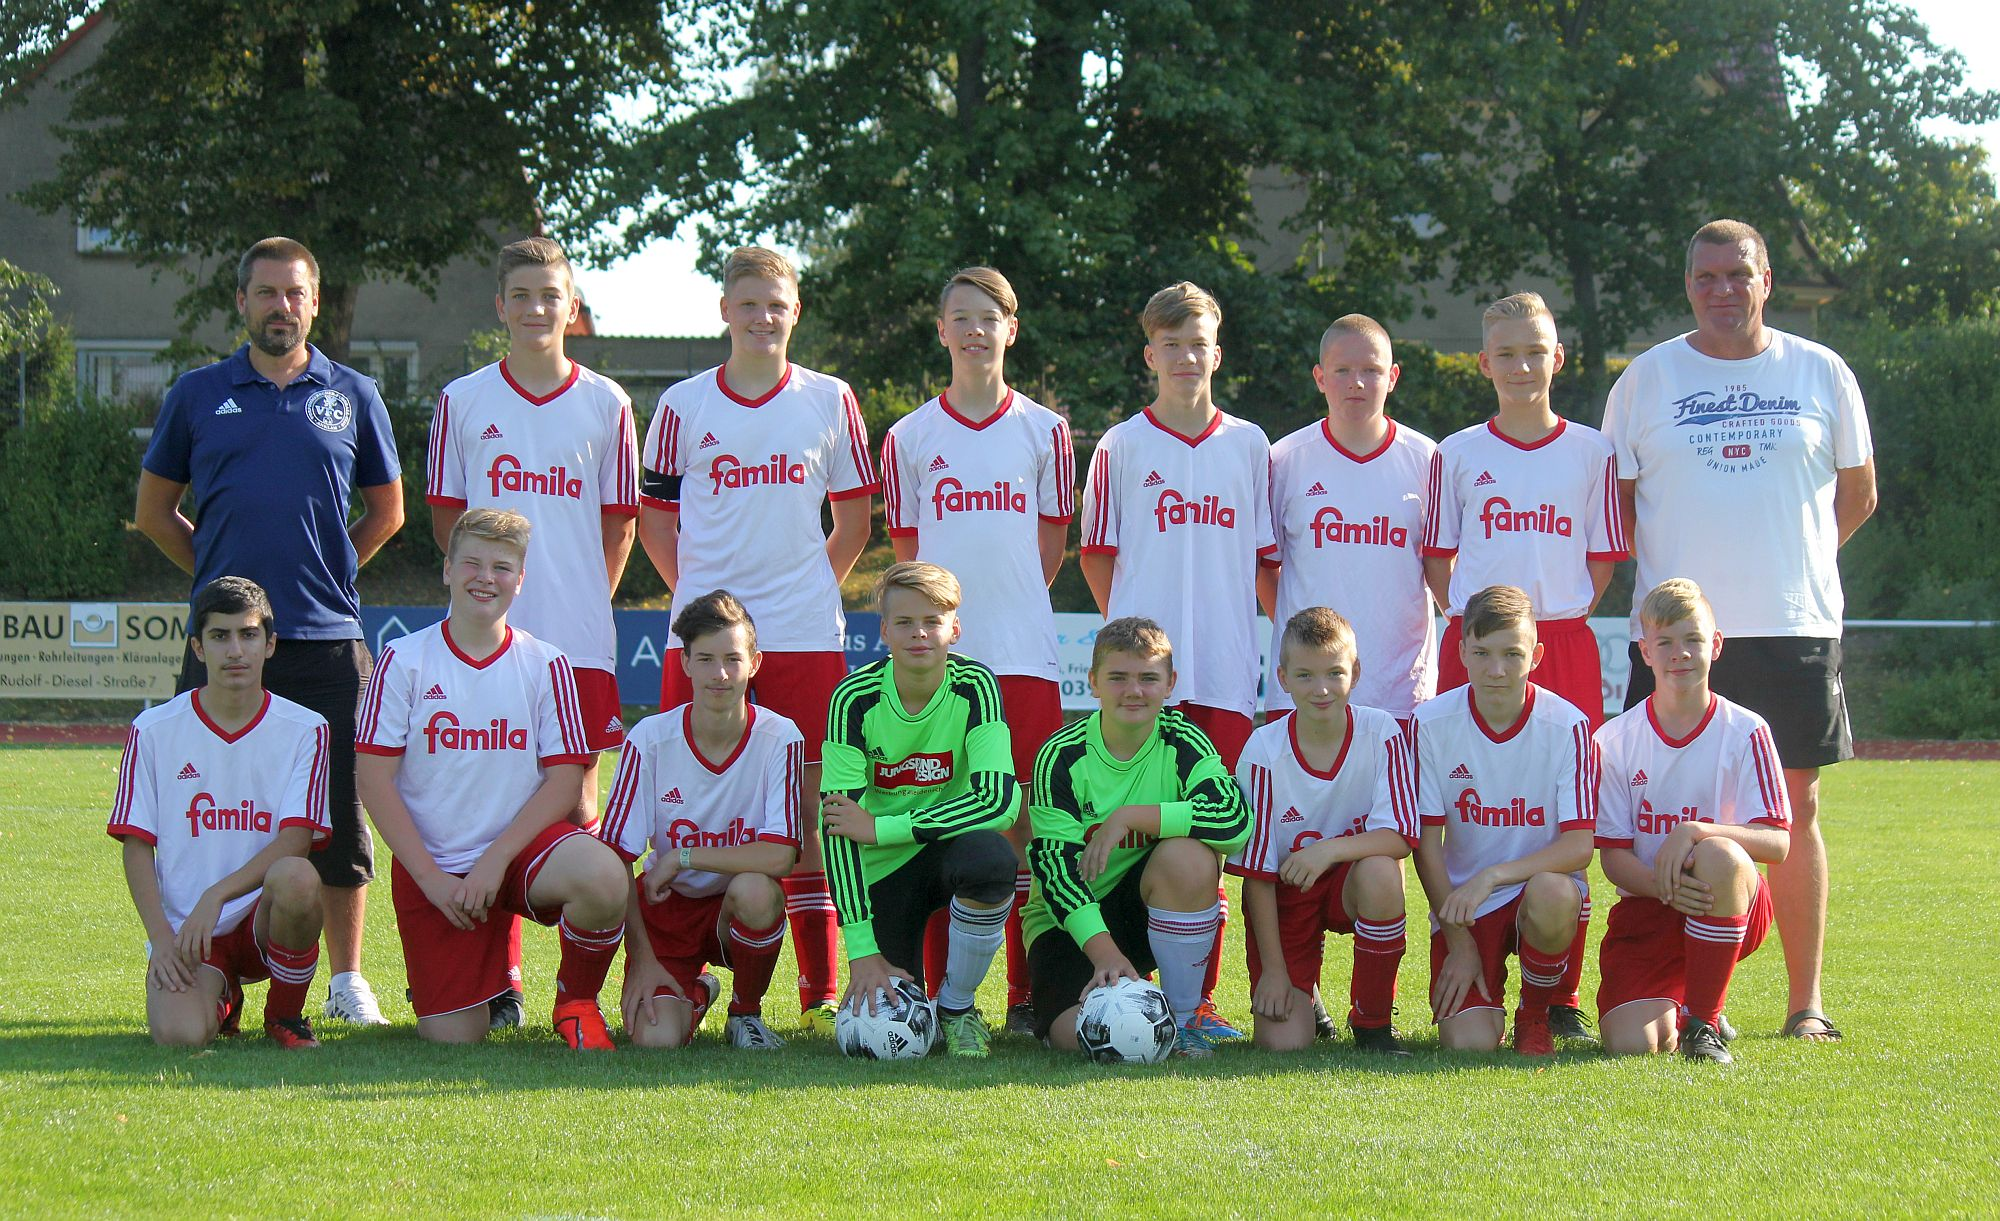 C1-Junioren kassieren verdiente Niederlage im Spitzenspiel beim Malchower SV